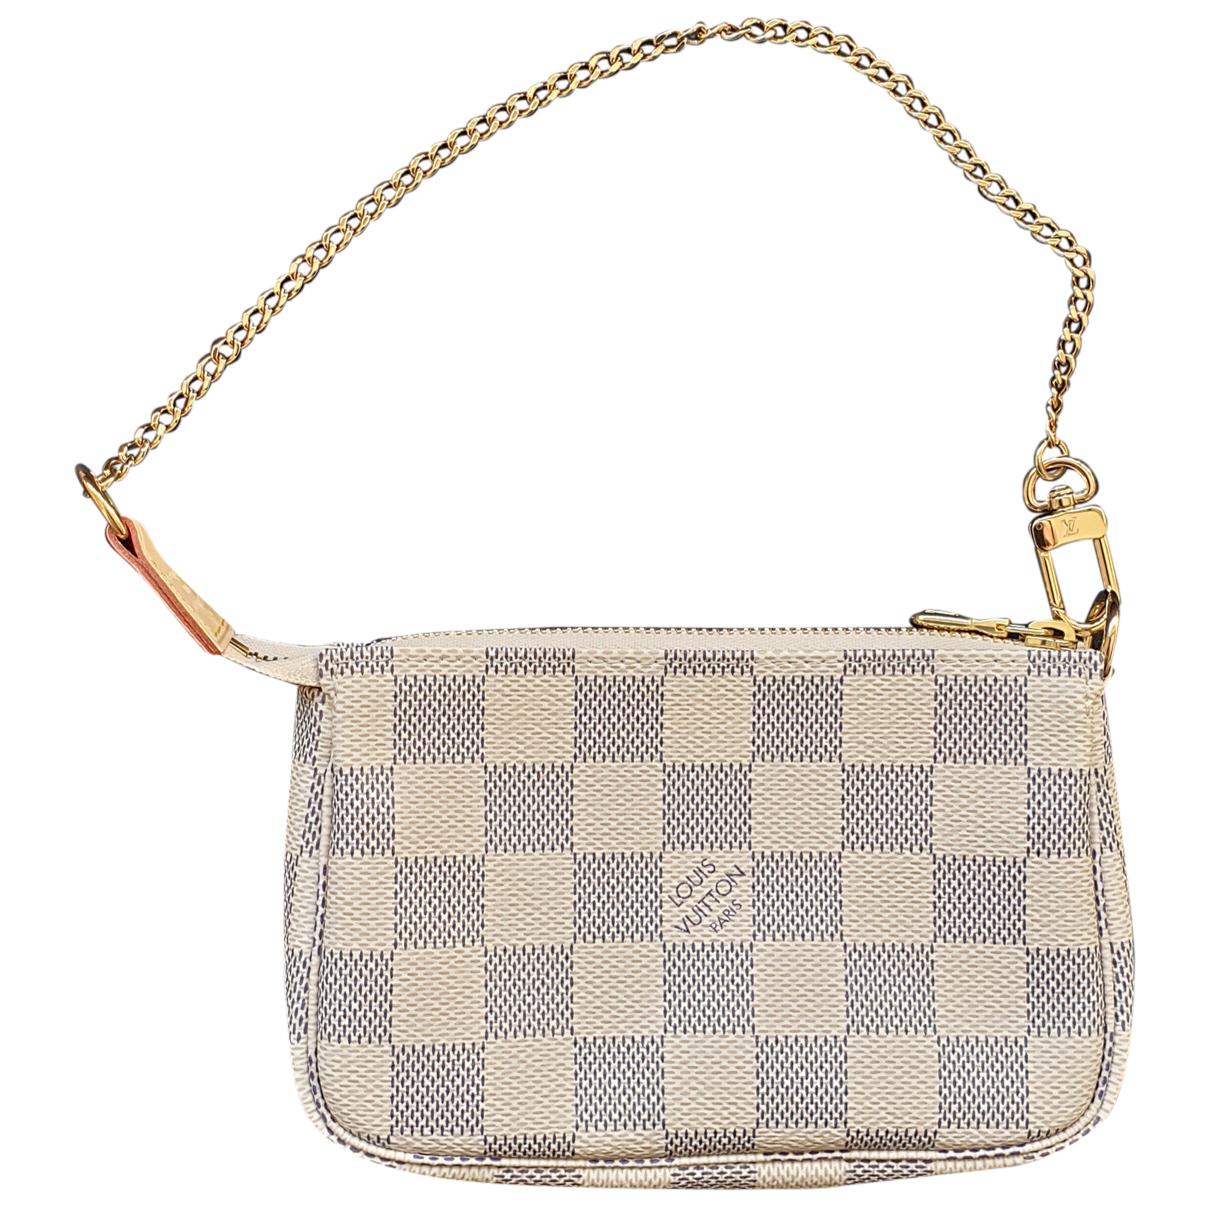 Louis Vuitton - Pochette Pochette Accessoire pour femme en toile - blanc